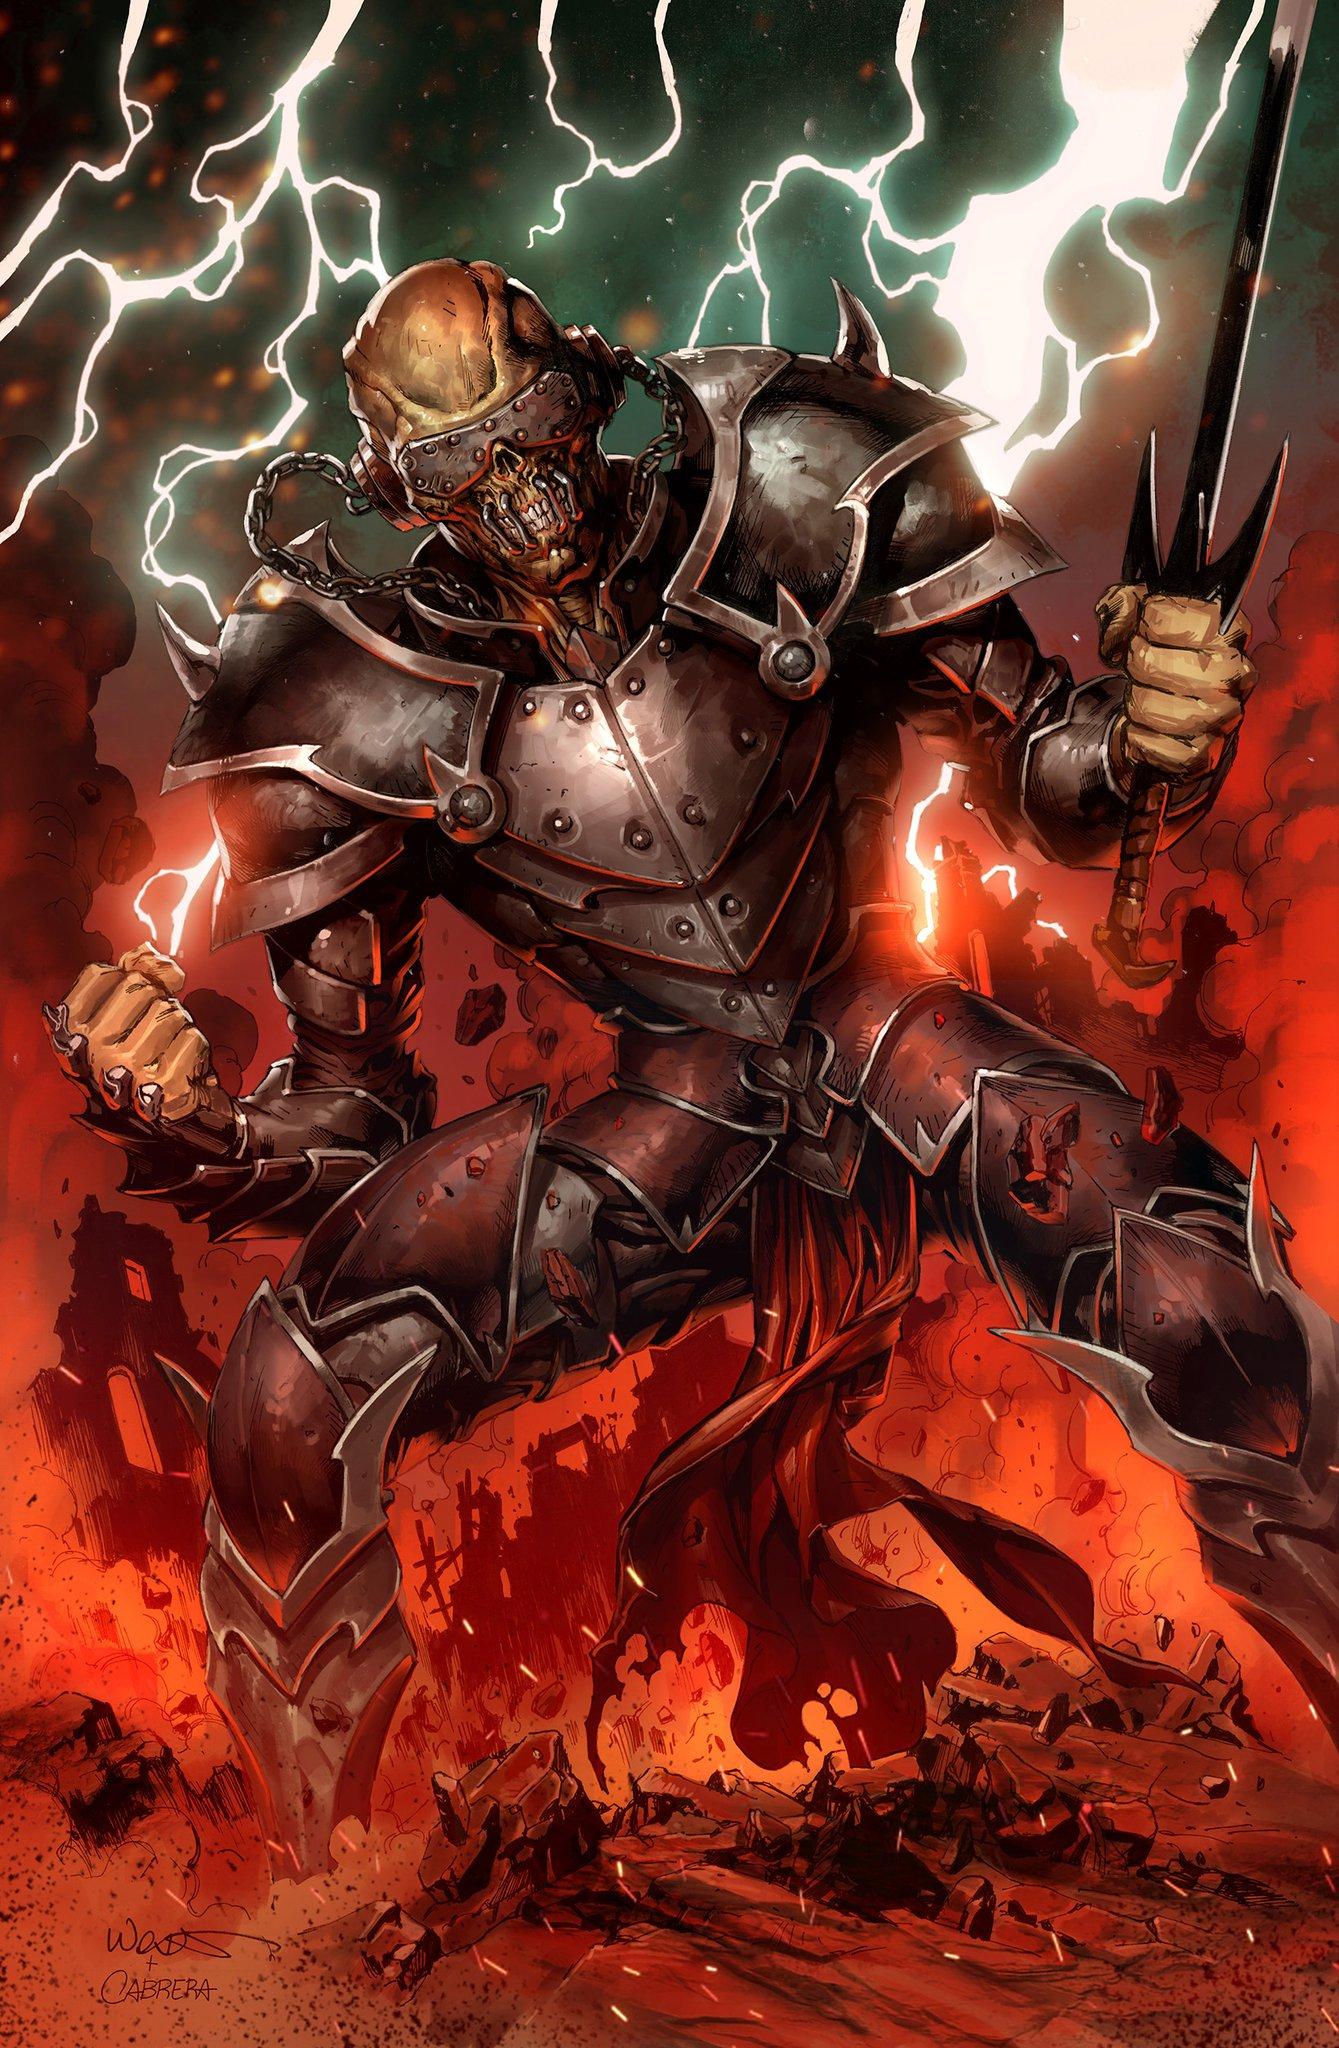 Megadeth Megadeth Death By Design Images